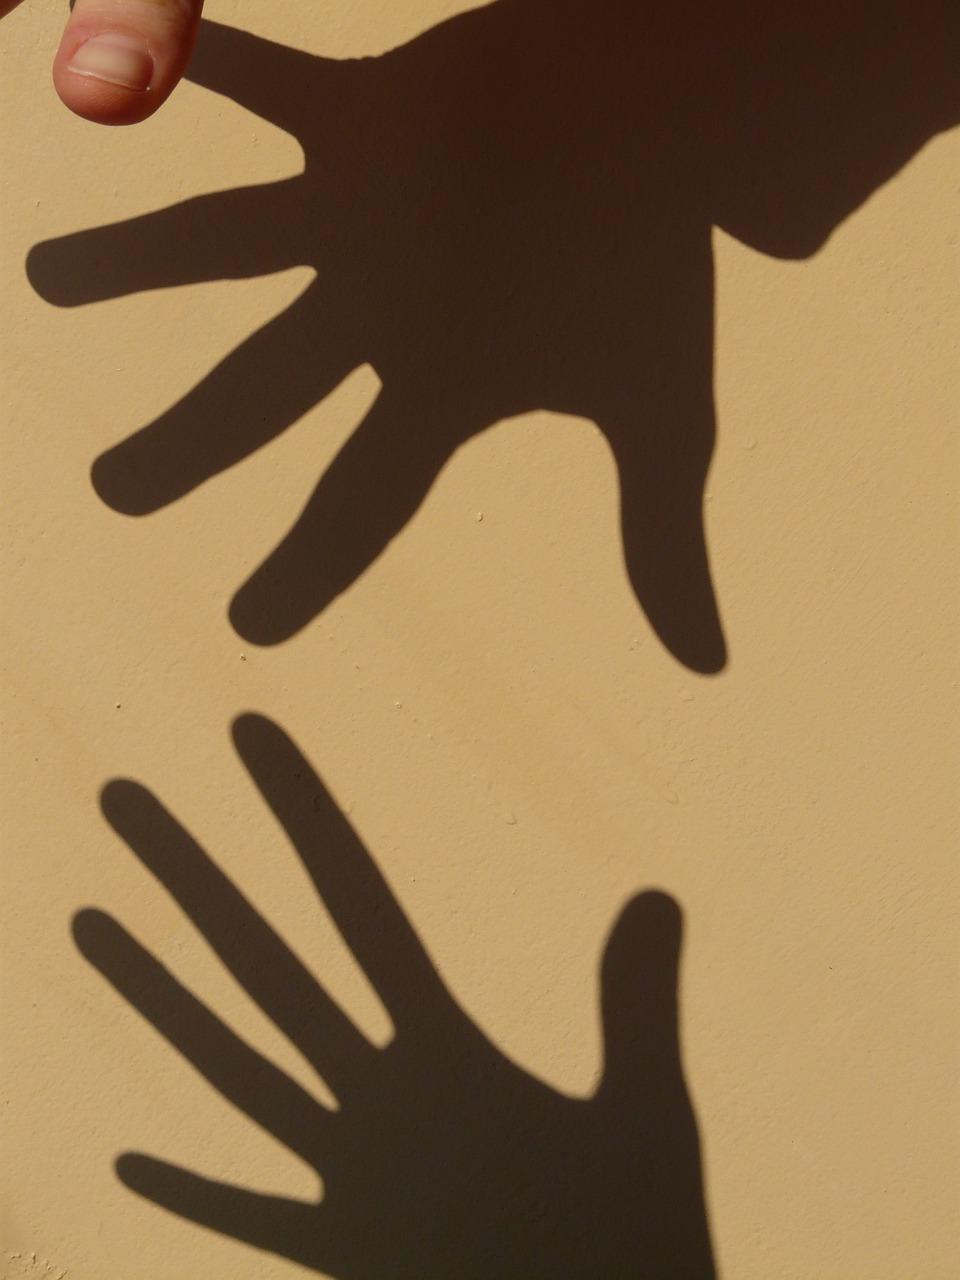 фото животных руками тени муниципальное образование